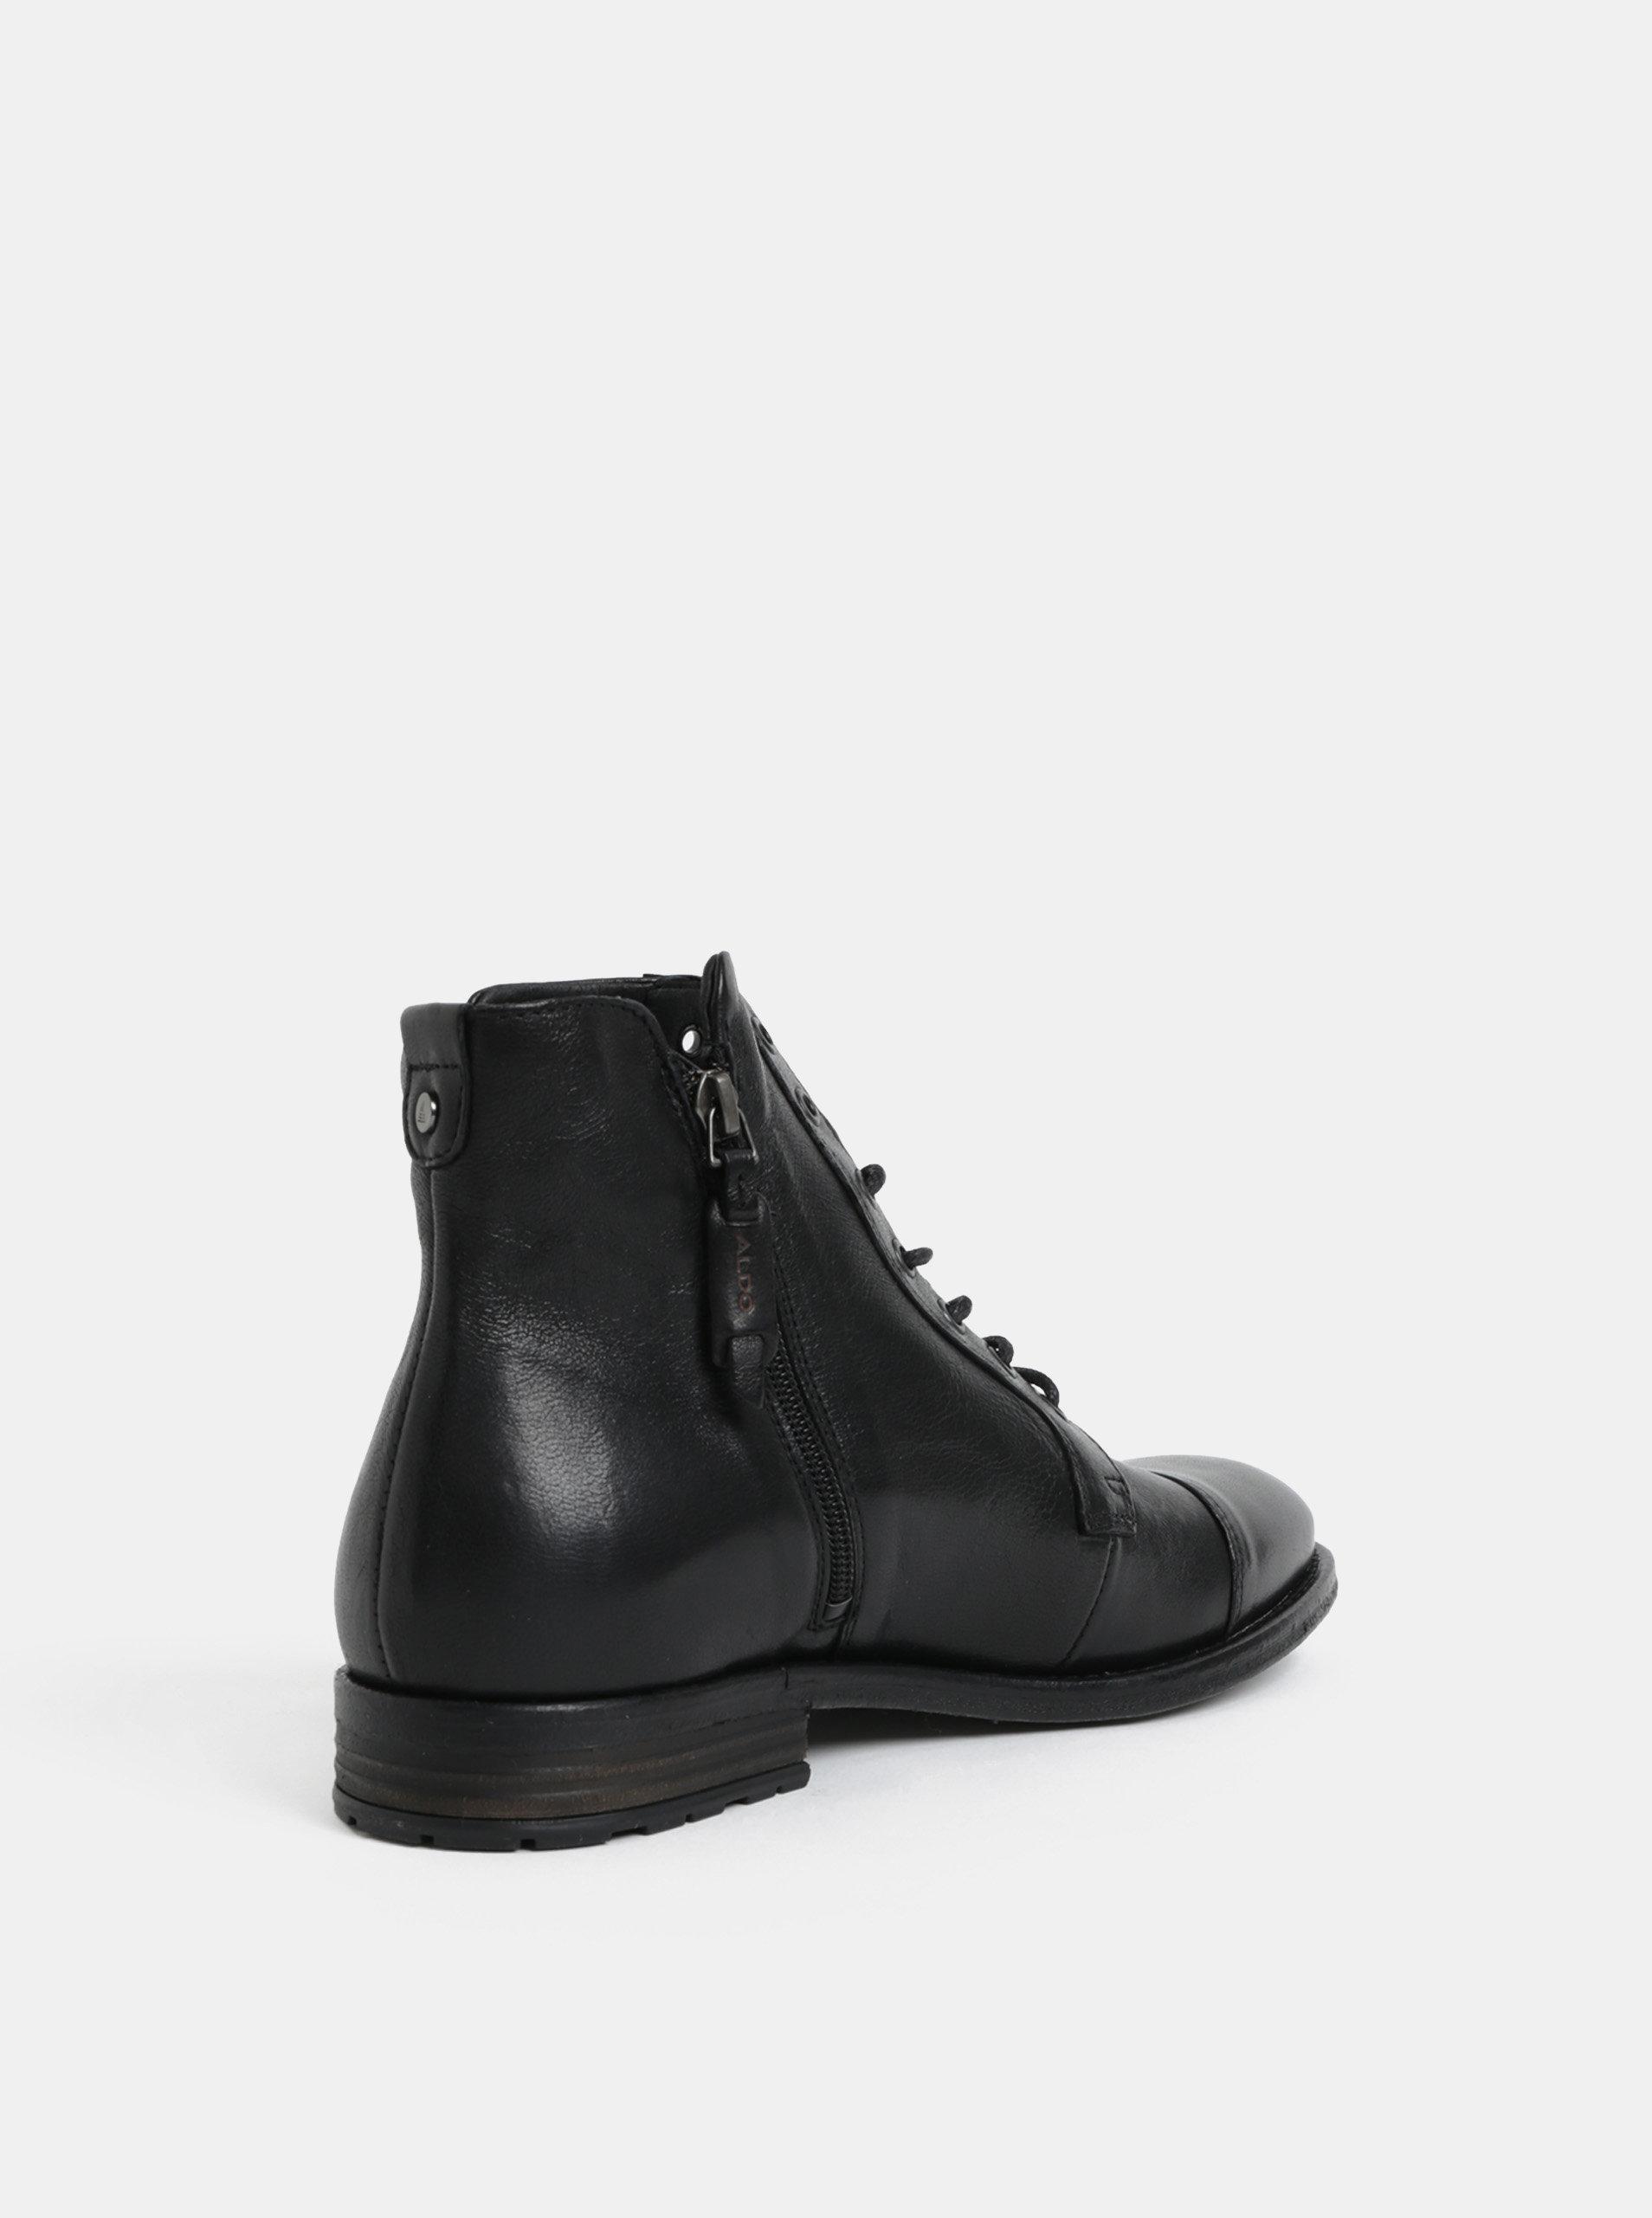 072a9baff Čierne pánske kožené členkové topánky ALDO | ZOOT.sk